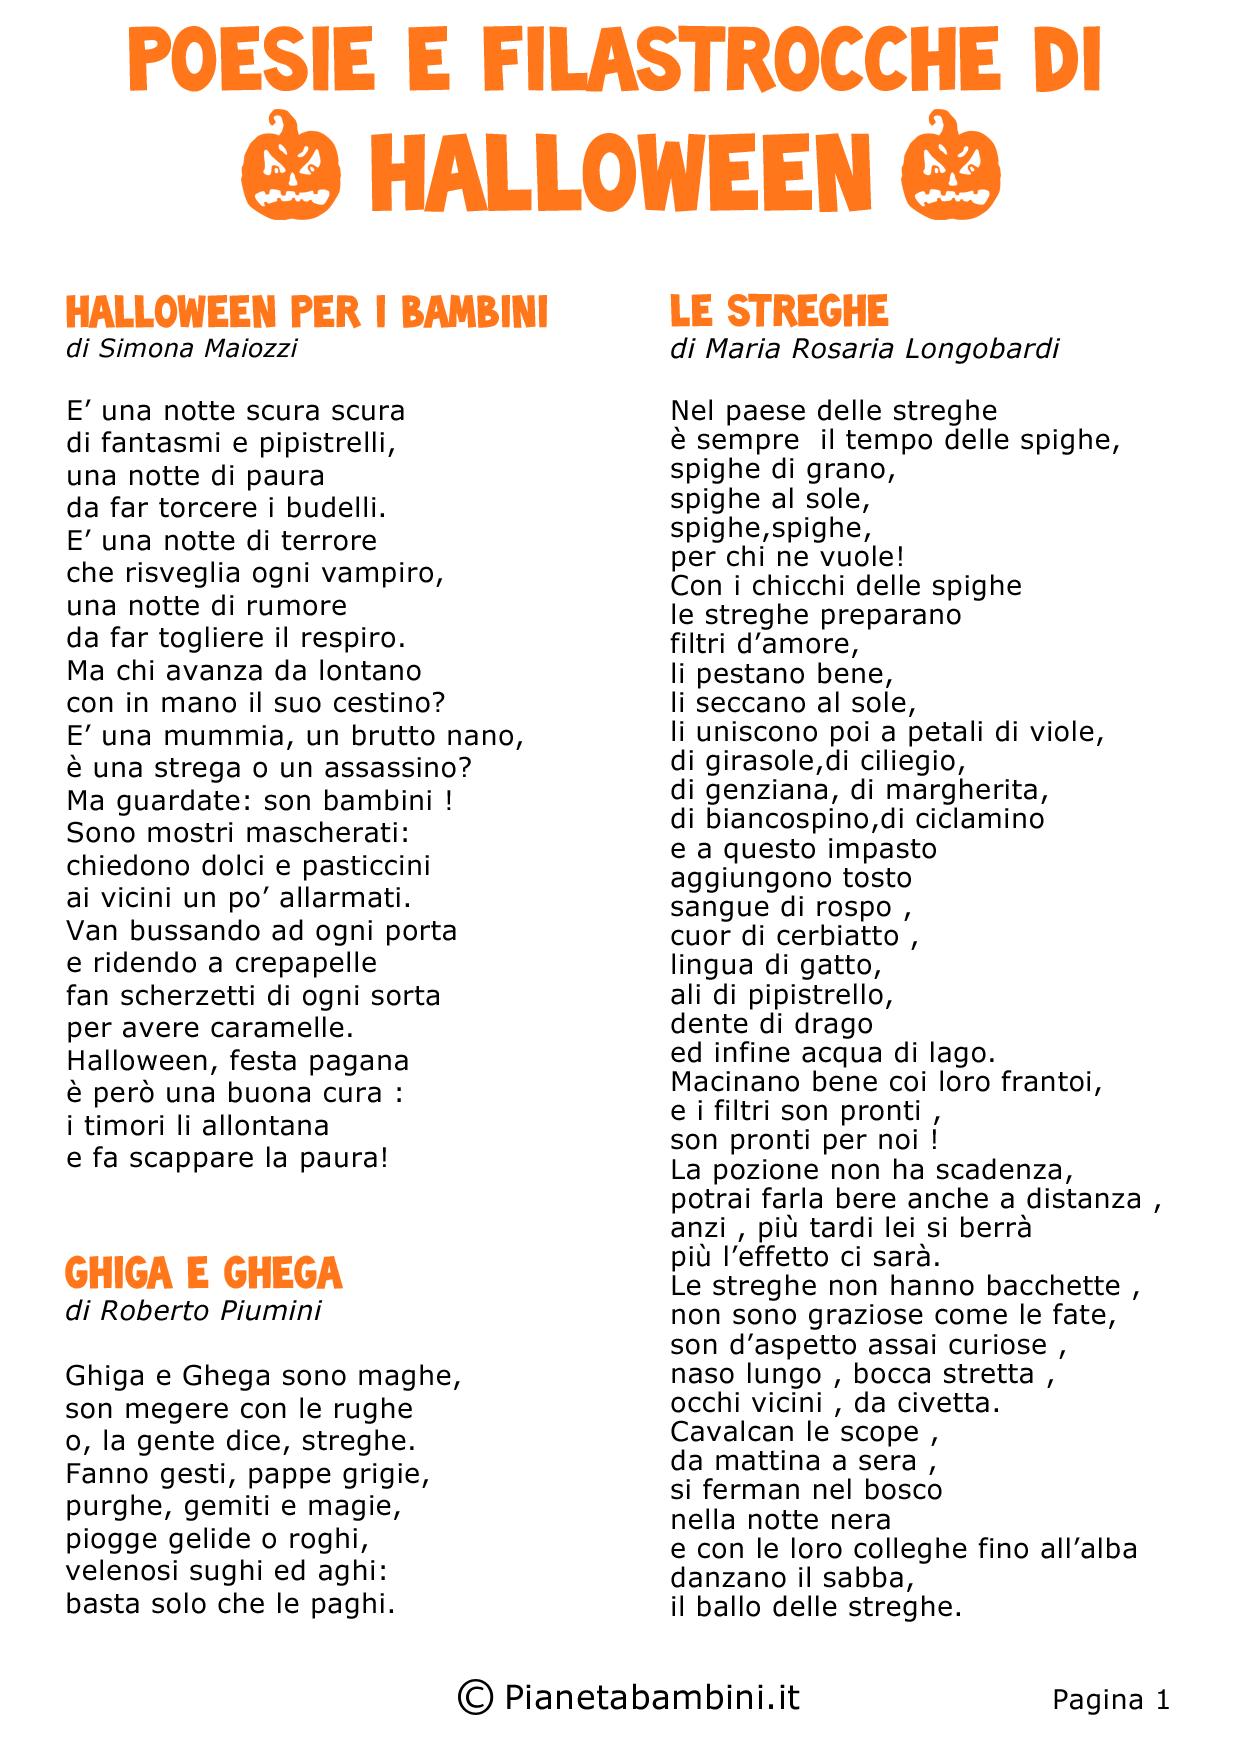 30 Poesie e Filastrocche di Halloween per Bambini  1024c5bb30da